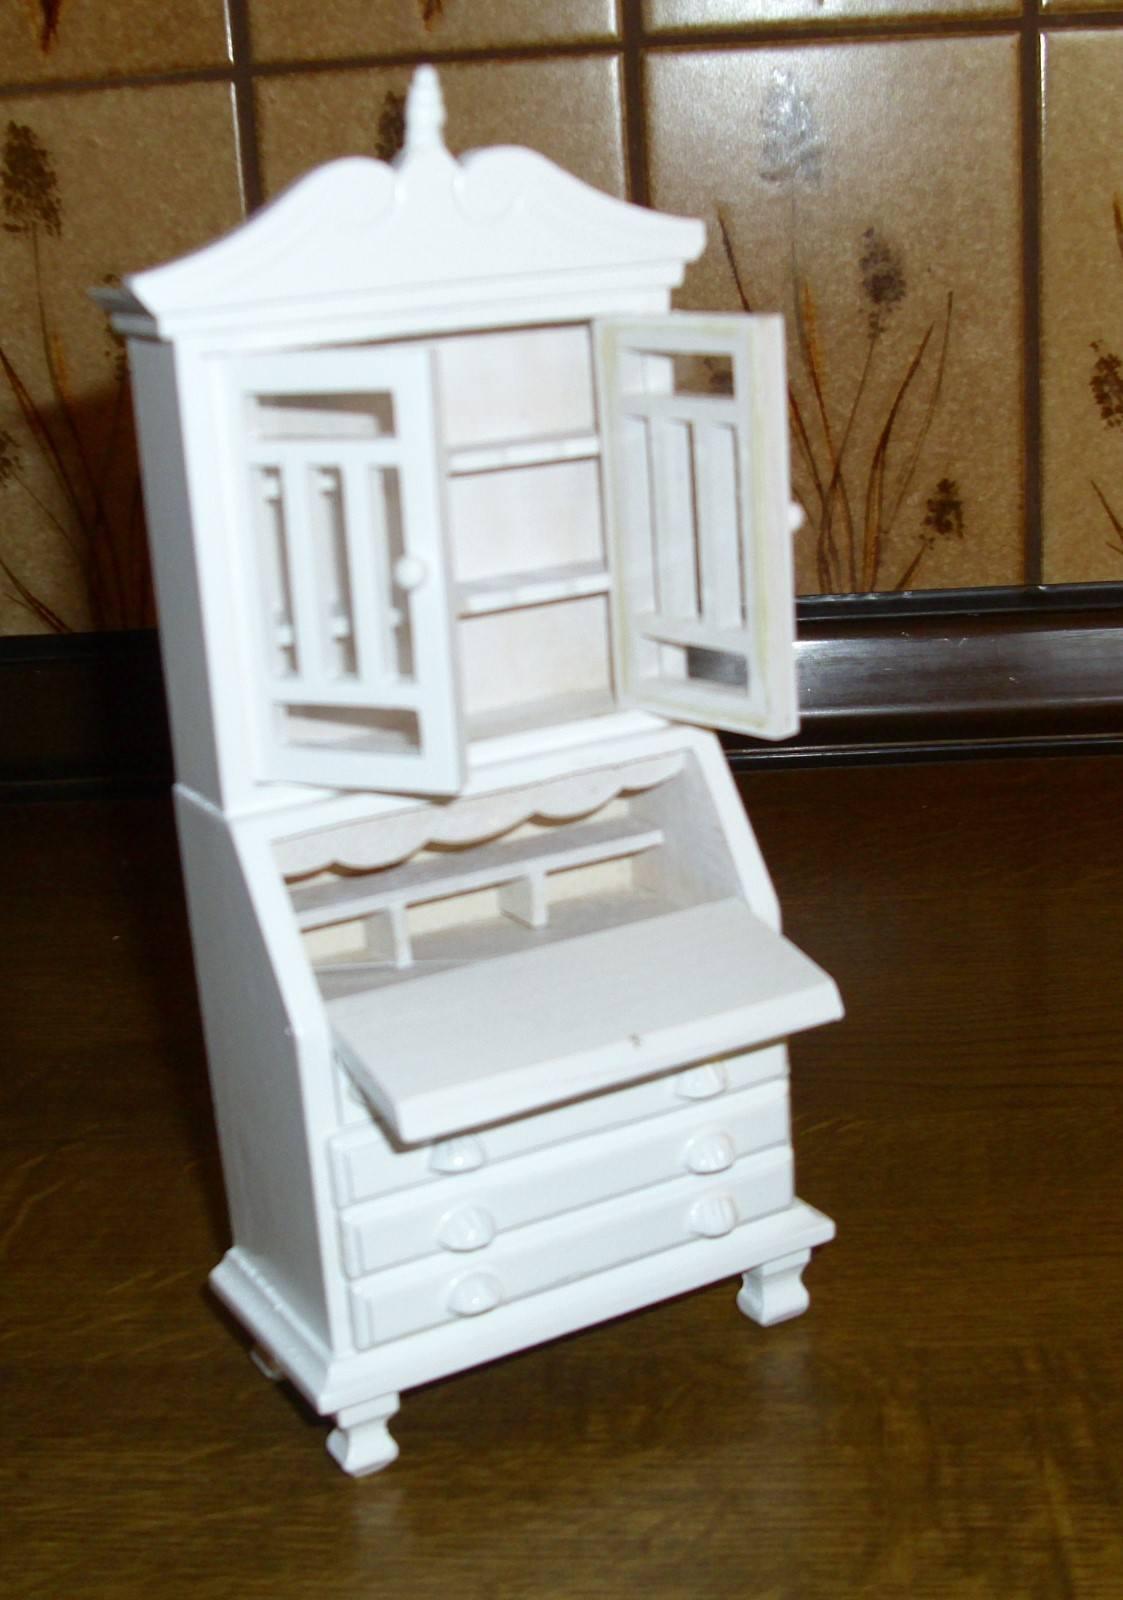 Bellissimo ARMADIO segretario in bianco, bianco, bianco, 1 12, in miniatura casa delle bambole 564b53